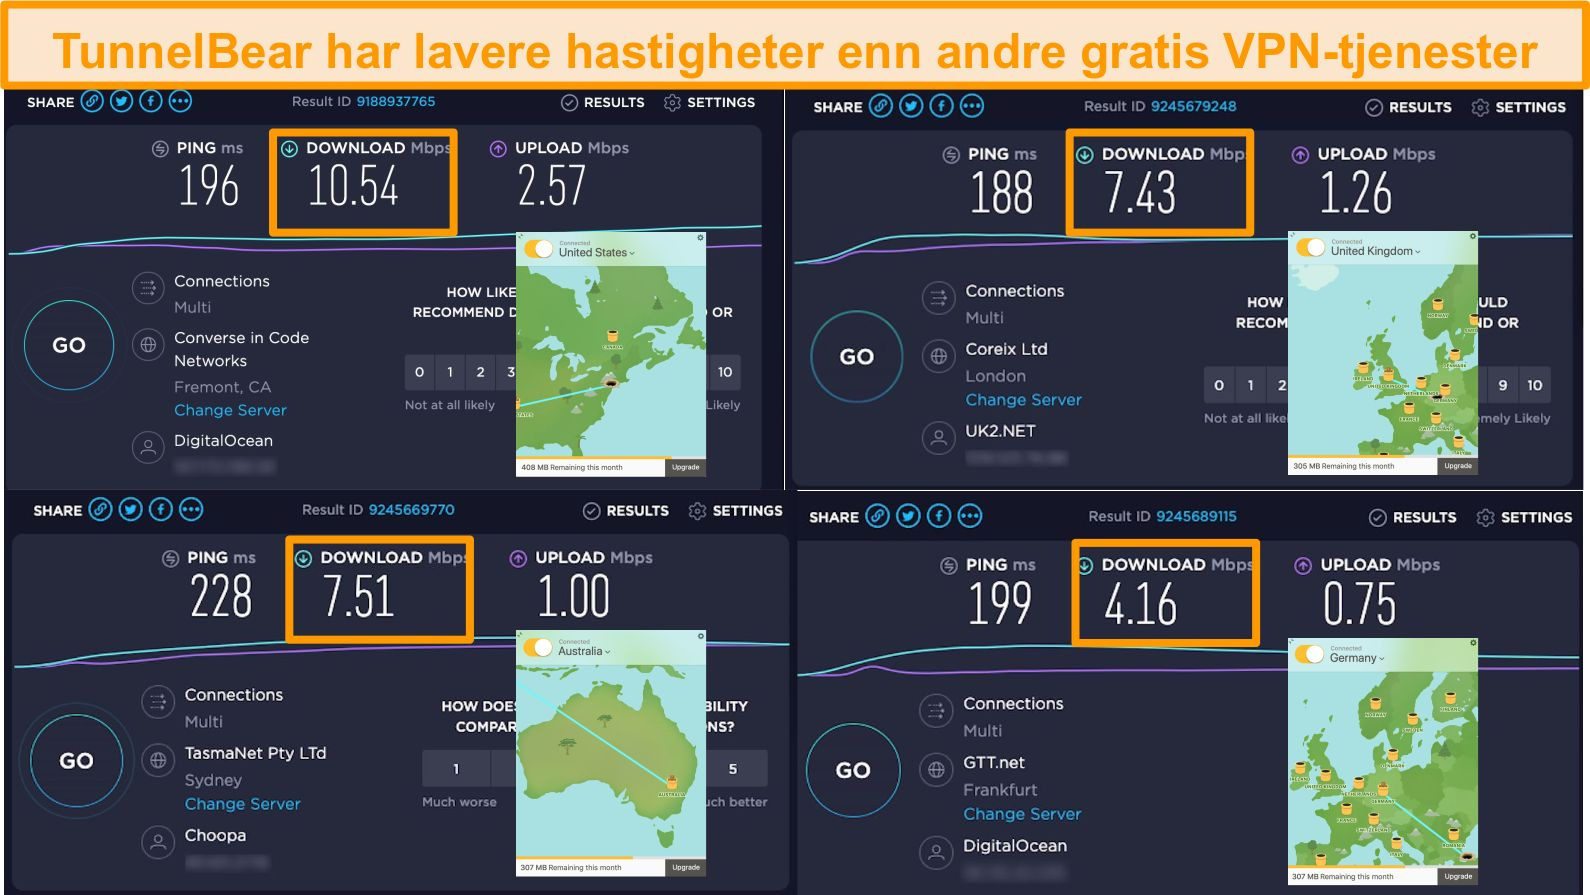 Skjermbilde av TunnelBears servere i Tyskland, Storbritannia, USA og Australia og hastighetstestresultater